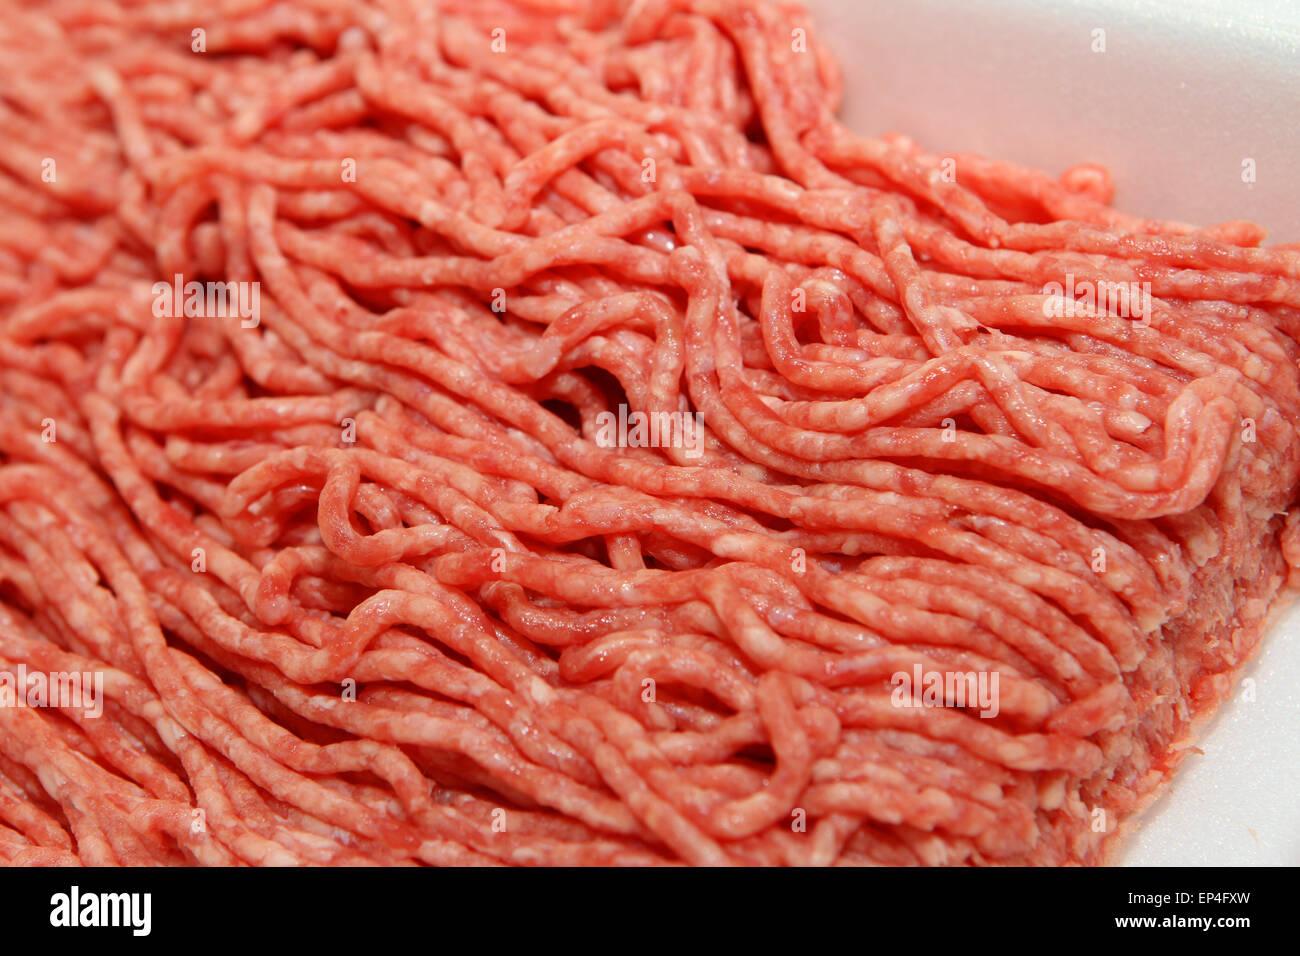 La viande hachée (bœuf haché), close-up Banque D'Images